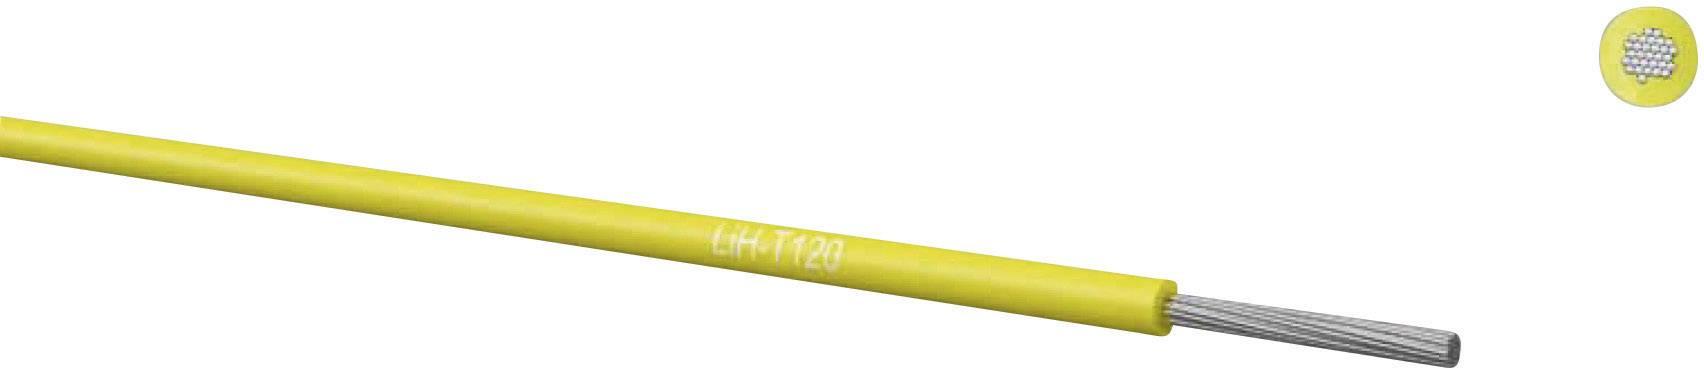 Opletenie / lanko Kabeltronik 65005005 LiH-T, 1 x 0.50 mm², vonkajší Ø 1.50 mm, metrový tovar, sivá